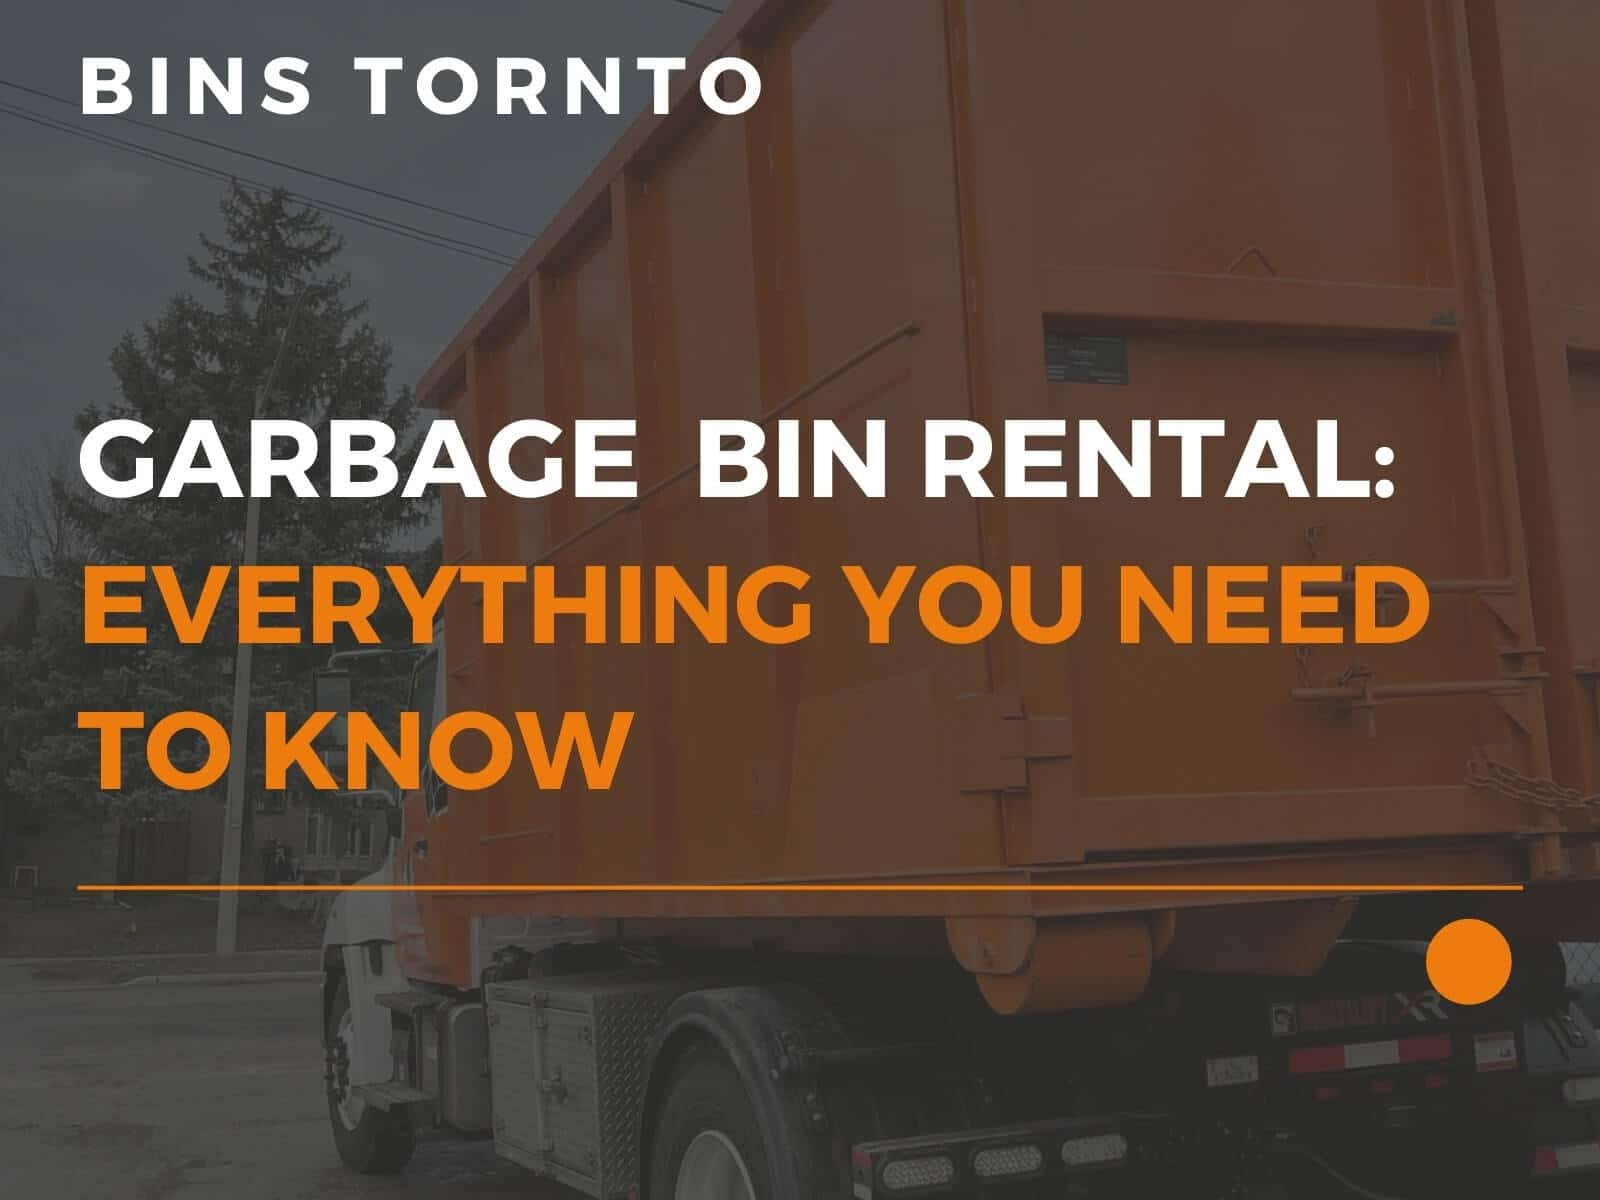 Bins Toronto garbage bin rental